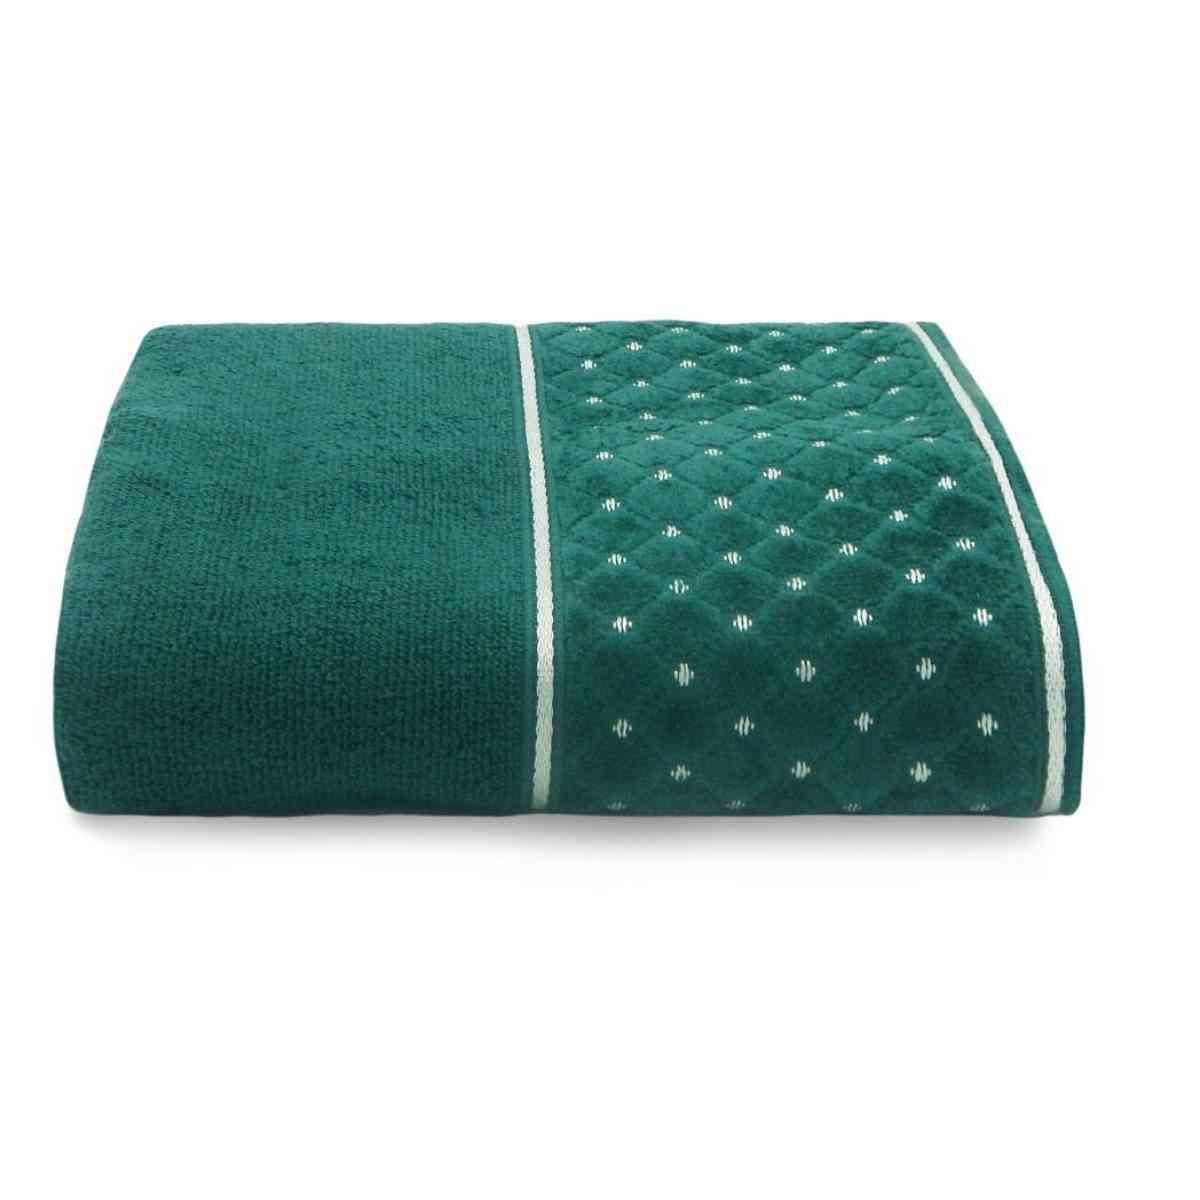 Toalha banho safira 68x140 Verde Retrô